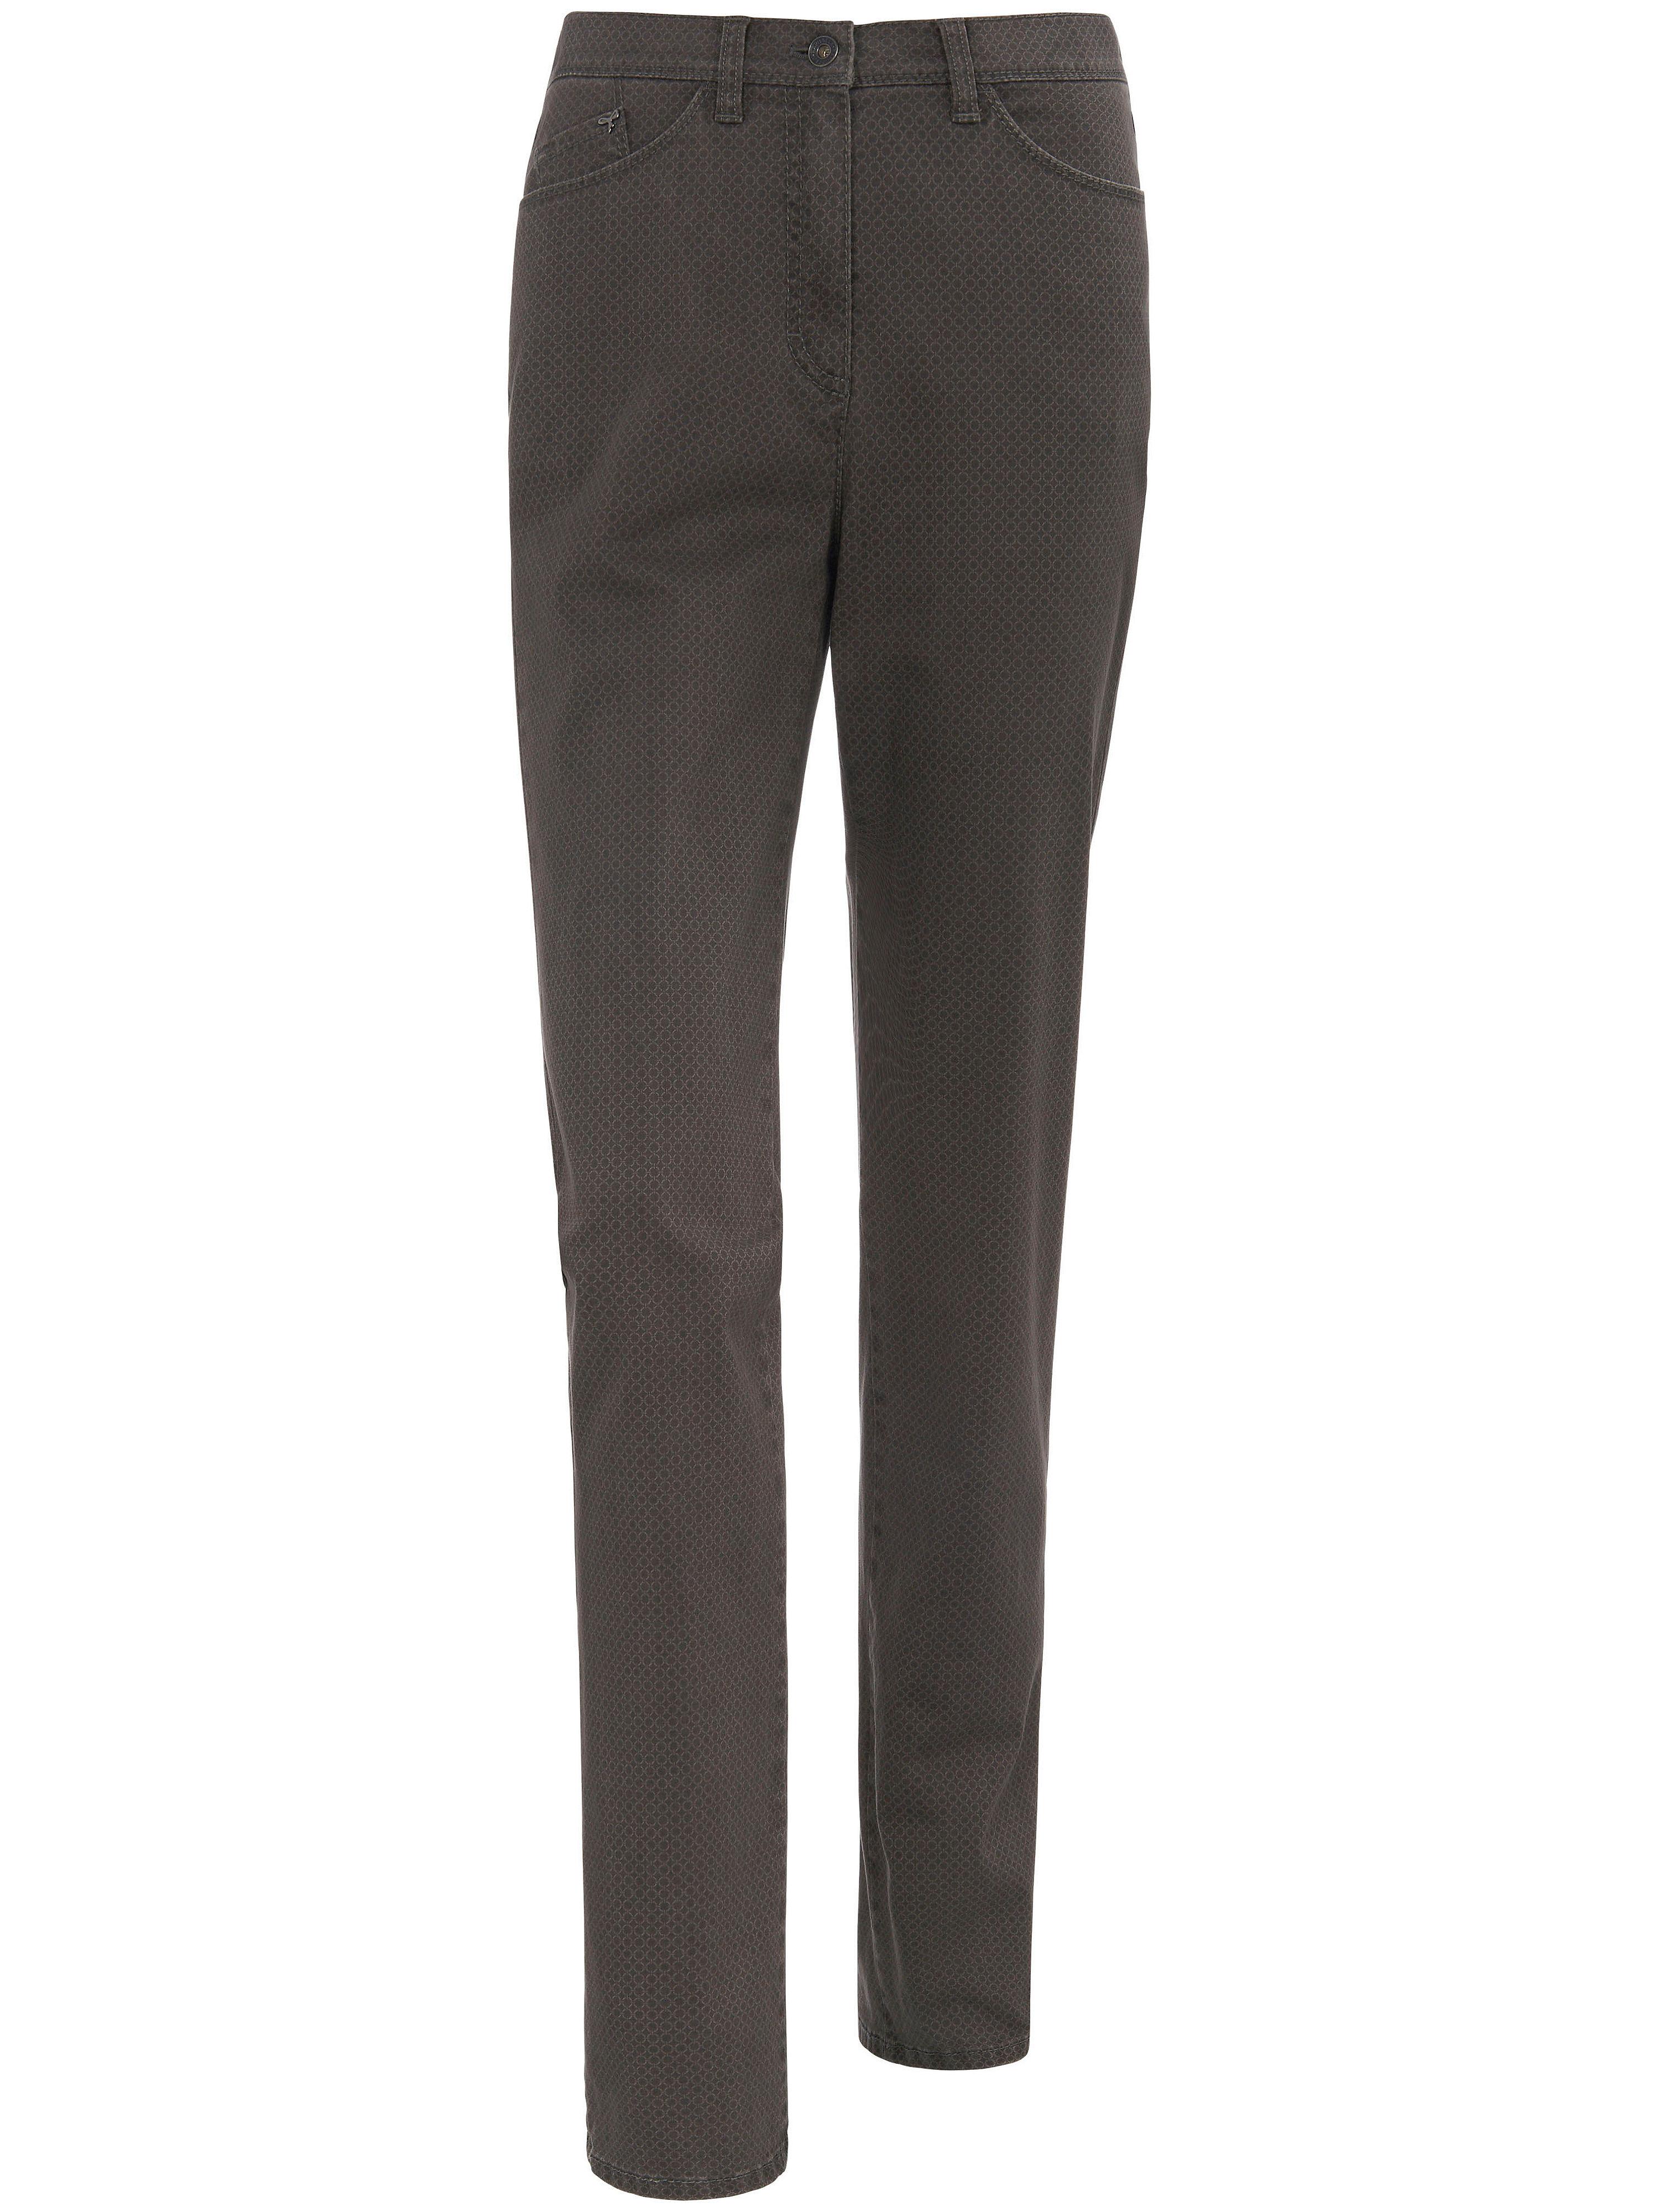 Image of   'ProForm S Super Slim'-jeans Fra Raphaela by Brax grøn